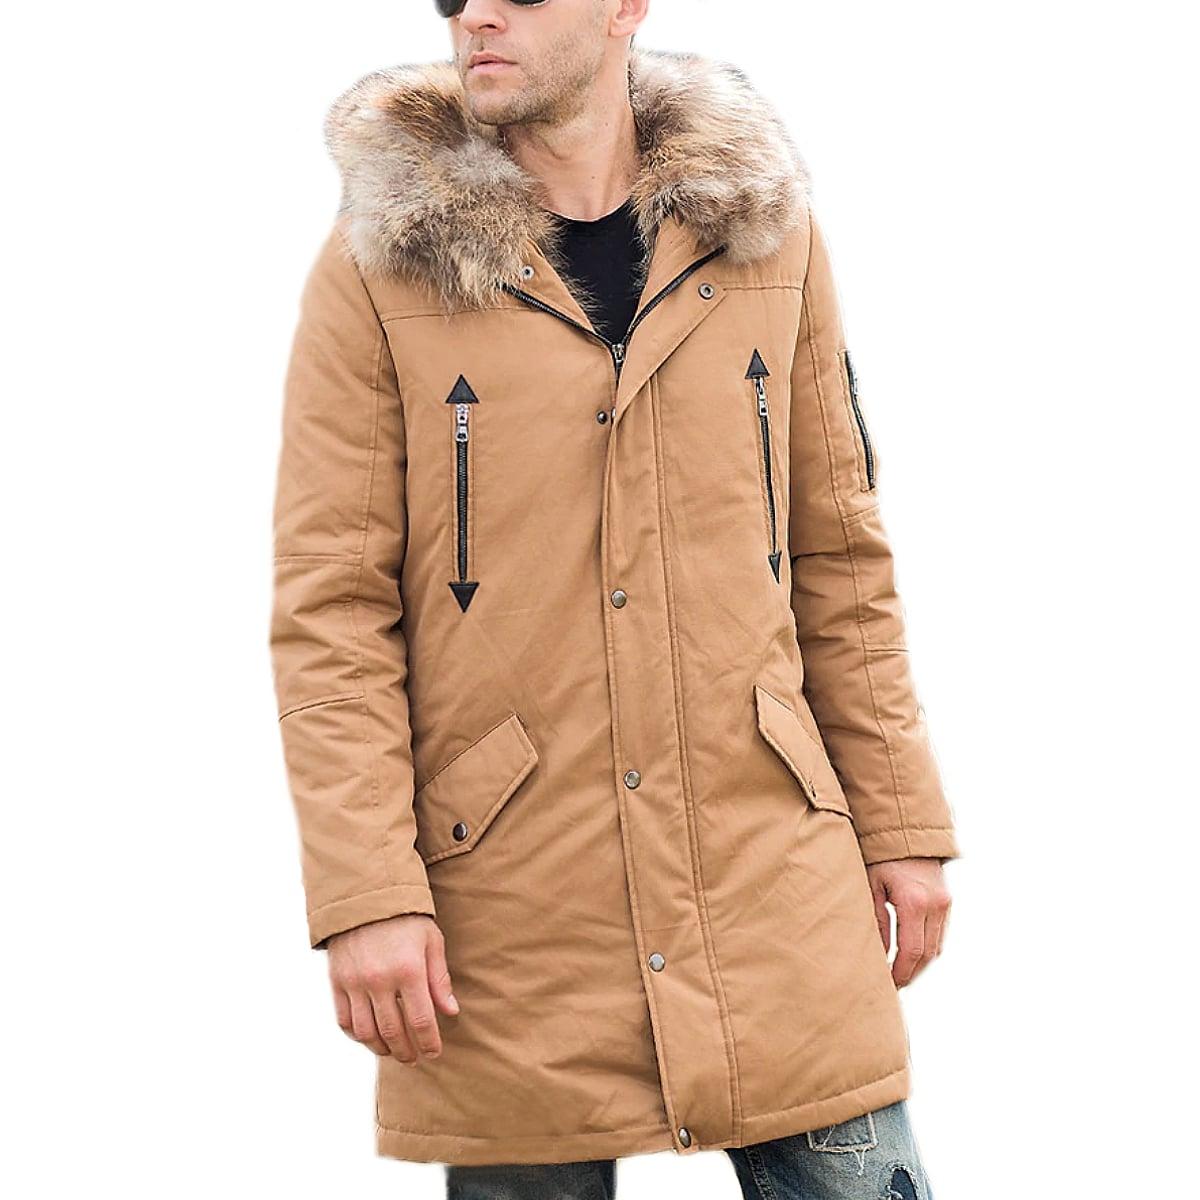 【送料無料!】全10サイズ! [Men's Raccoon Fur Liner Hood White Duck Down Long Jacket] メンズ ラクーンファーライナー フード ホワイトダックダウン ロングジャケット! リアルファー 中綿ダウン フード付き カーキ ベージュ ミリタリー モッズコート アウター バイクに!